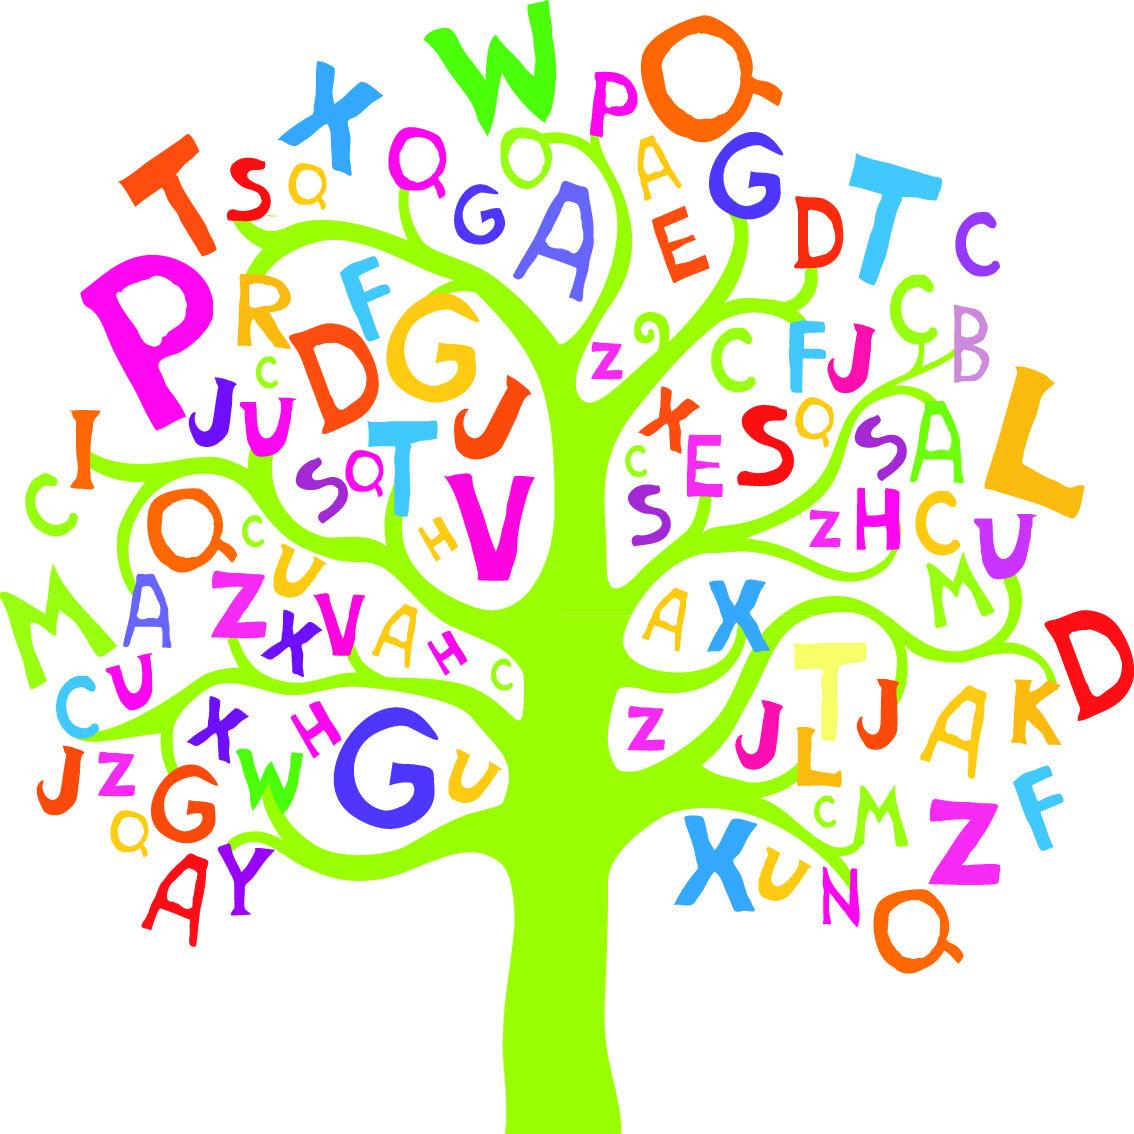 Alphabet wallpaper alphabet high resolution wallpapers art